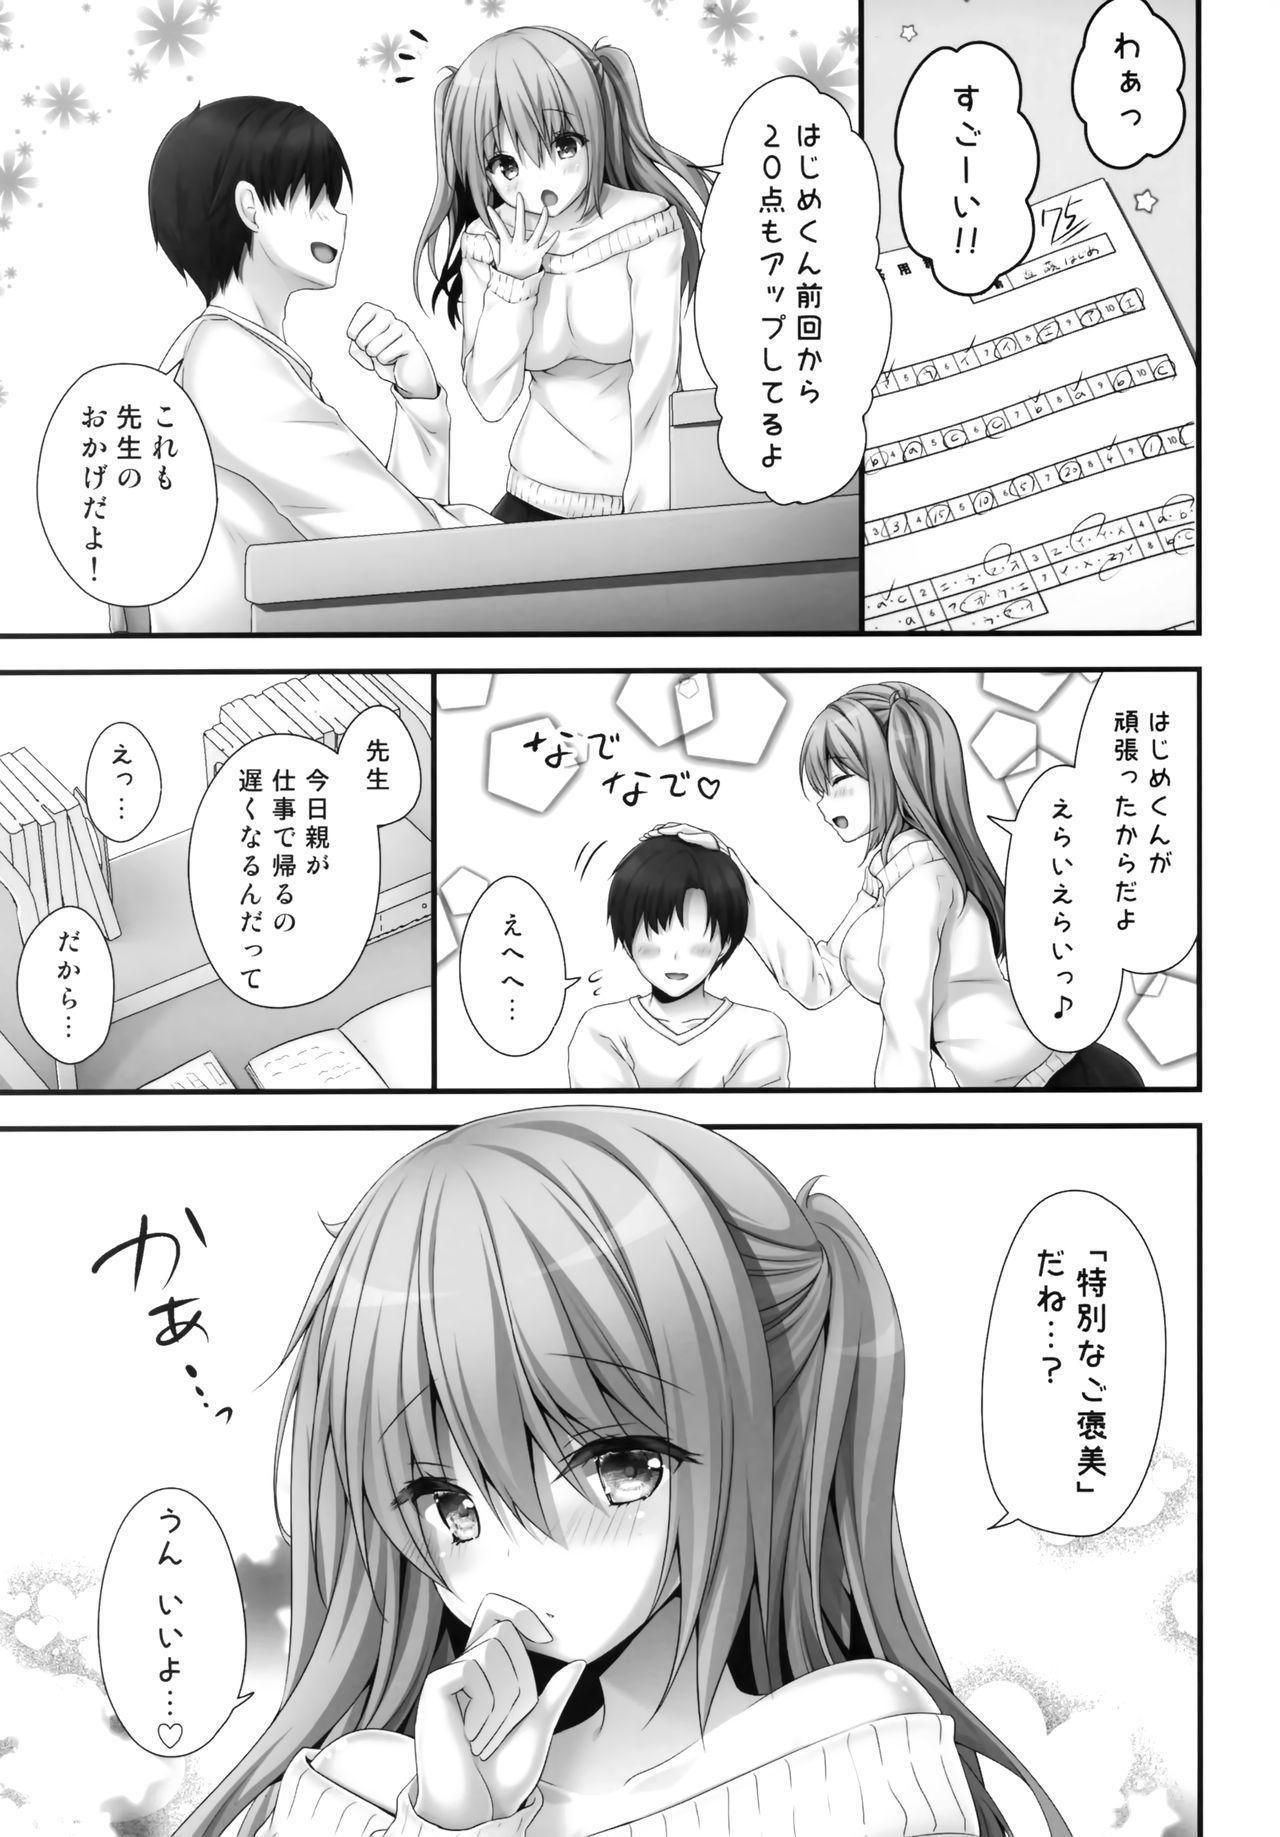 Gohoubikei Katei Kyoushi-chan 2 Jikan Me 3